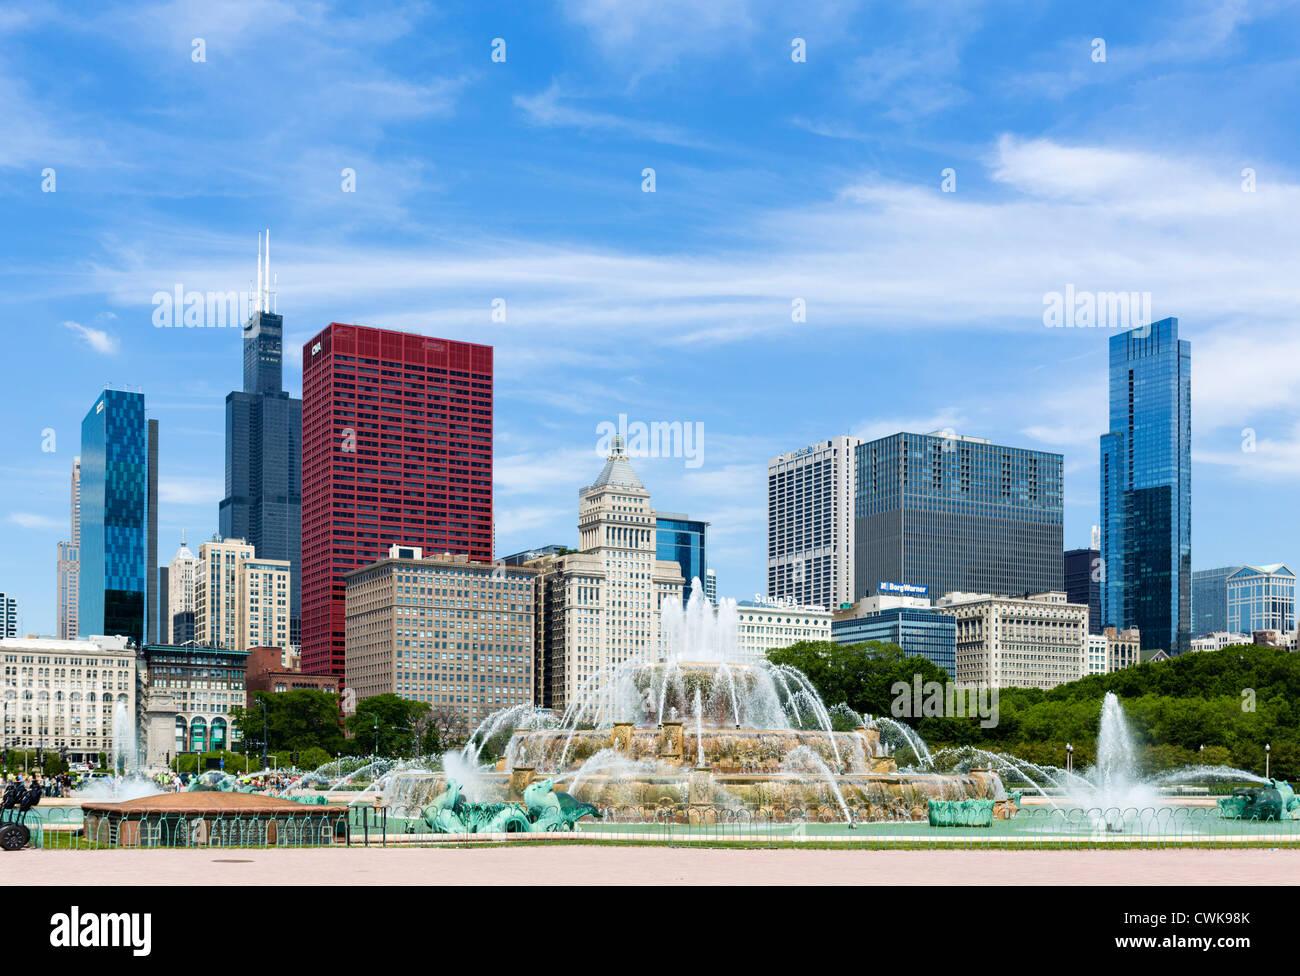 El Buckingham Fountain delante del centro de la ciudad, Grant Park, Chicago, Illinois, EE.UU. Imagen De Stock